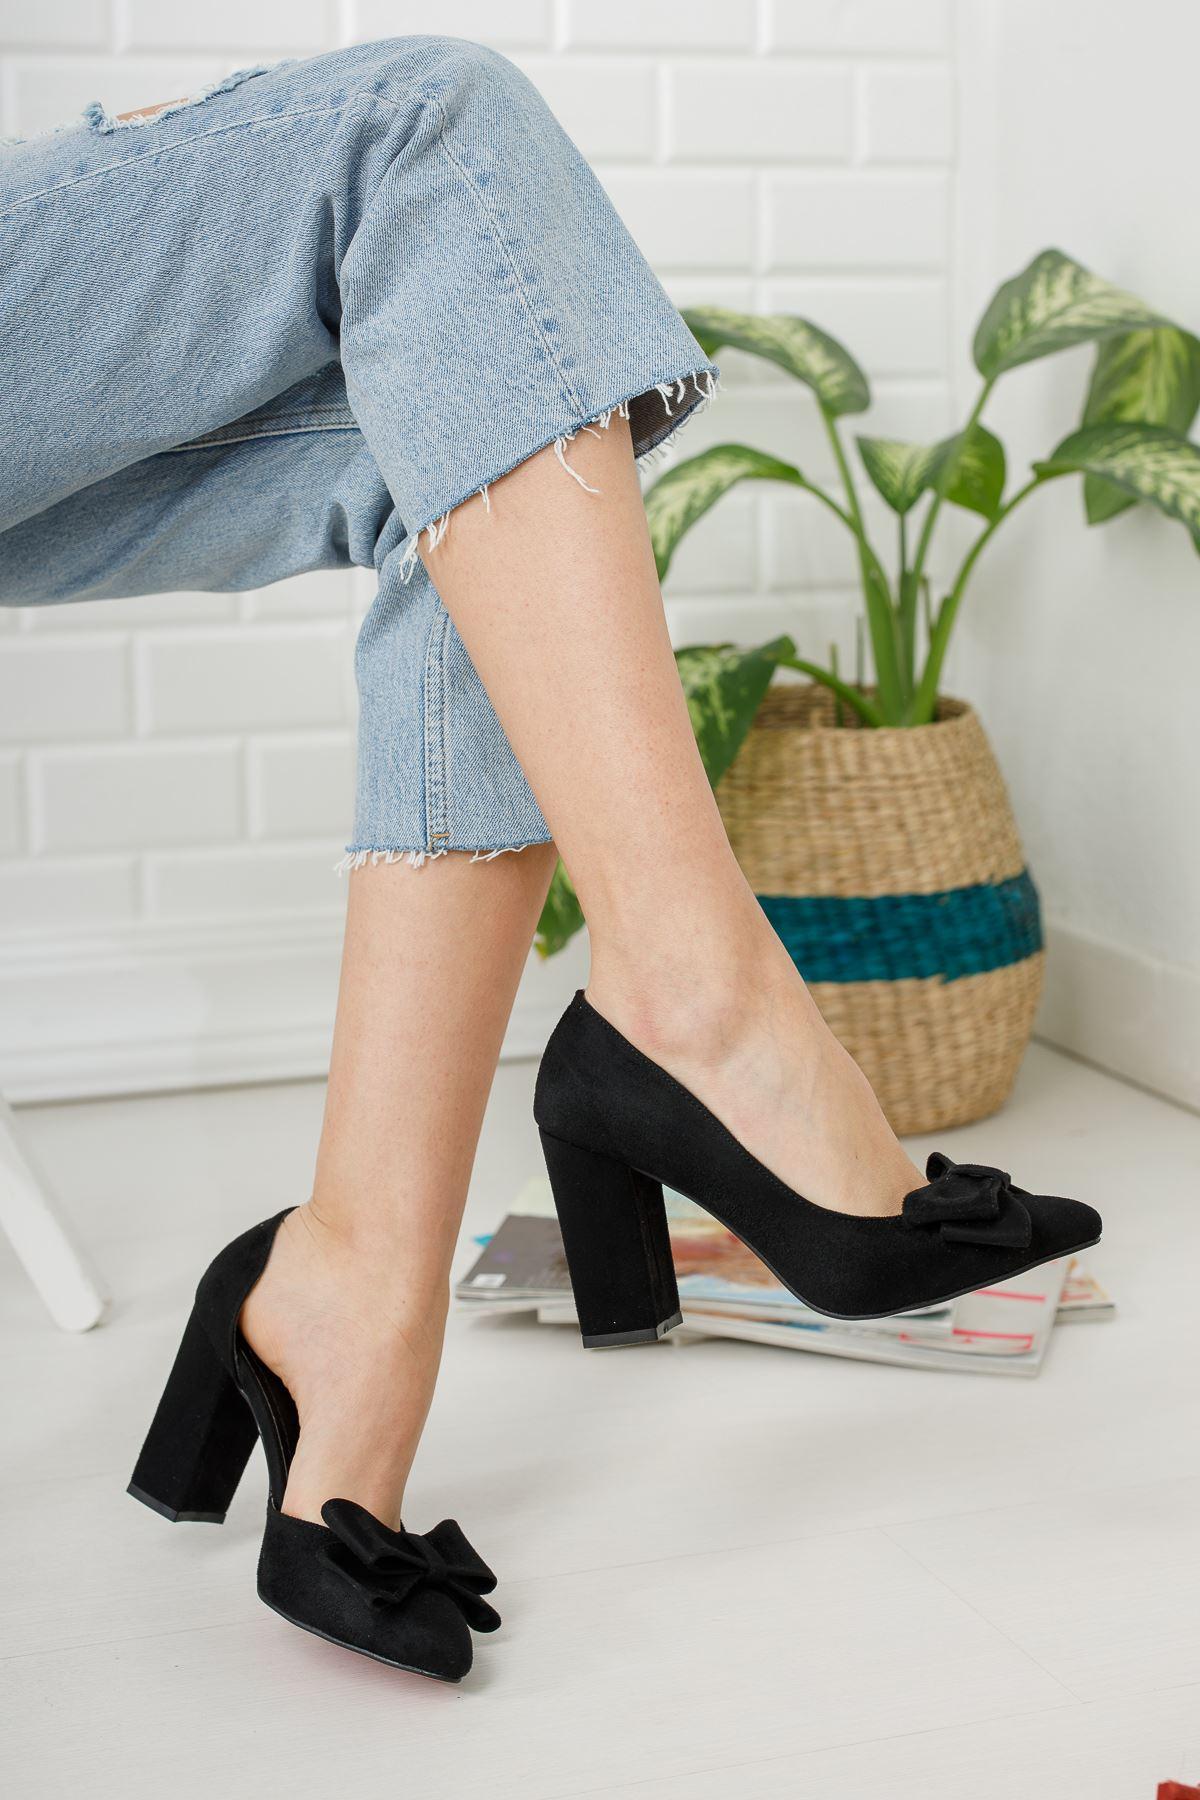 Siyah Süet Fiyonk Detaylı Yüksek Topuklu Ayakkabı